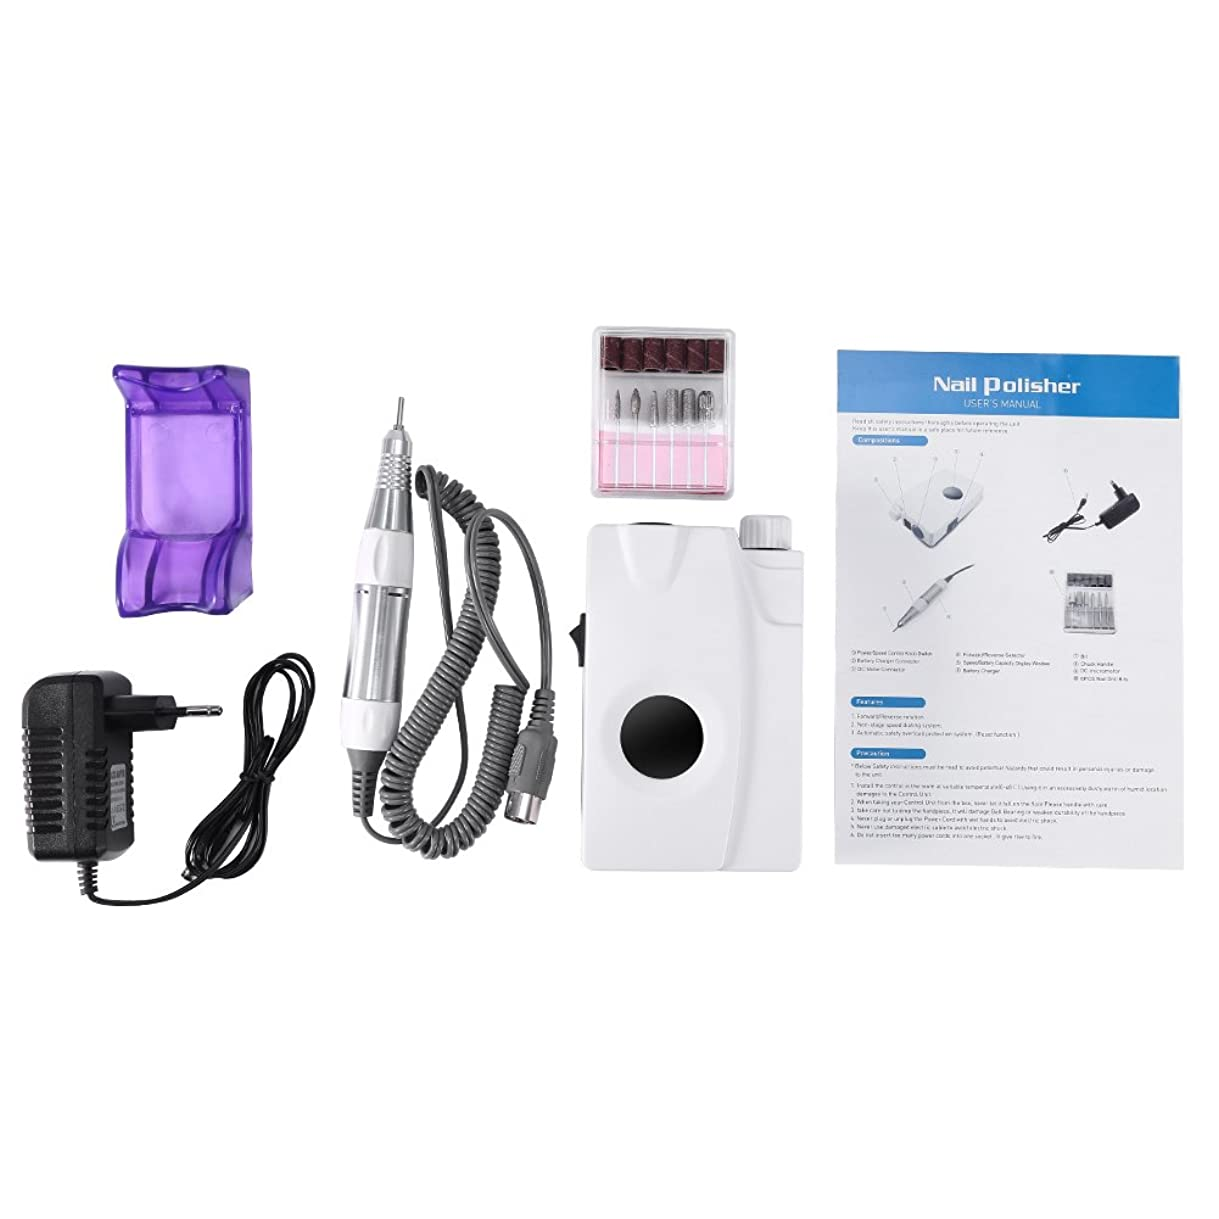 サーバ線振る舞い30000 RPM電気ネイルファイルドリルマシン、ディスプレイスクリーン、ポータブルコードレス6Vのドリルビット付き充電式研磨機、プロ用または家庭用ネイルアート機器(1)